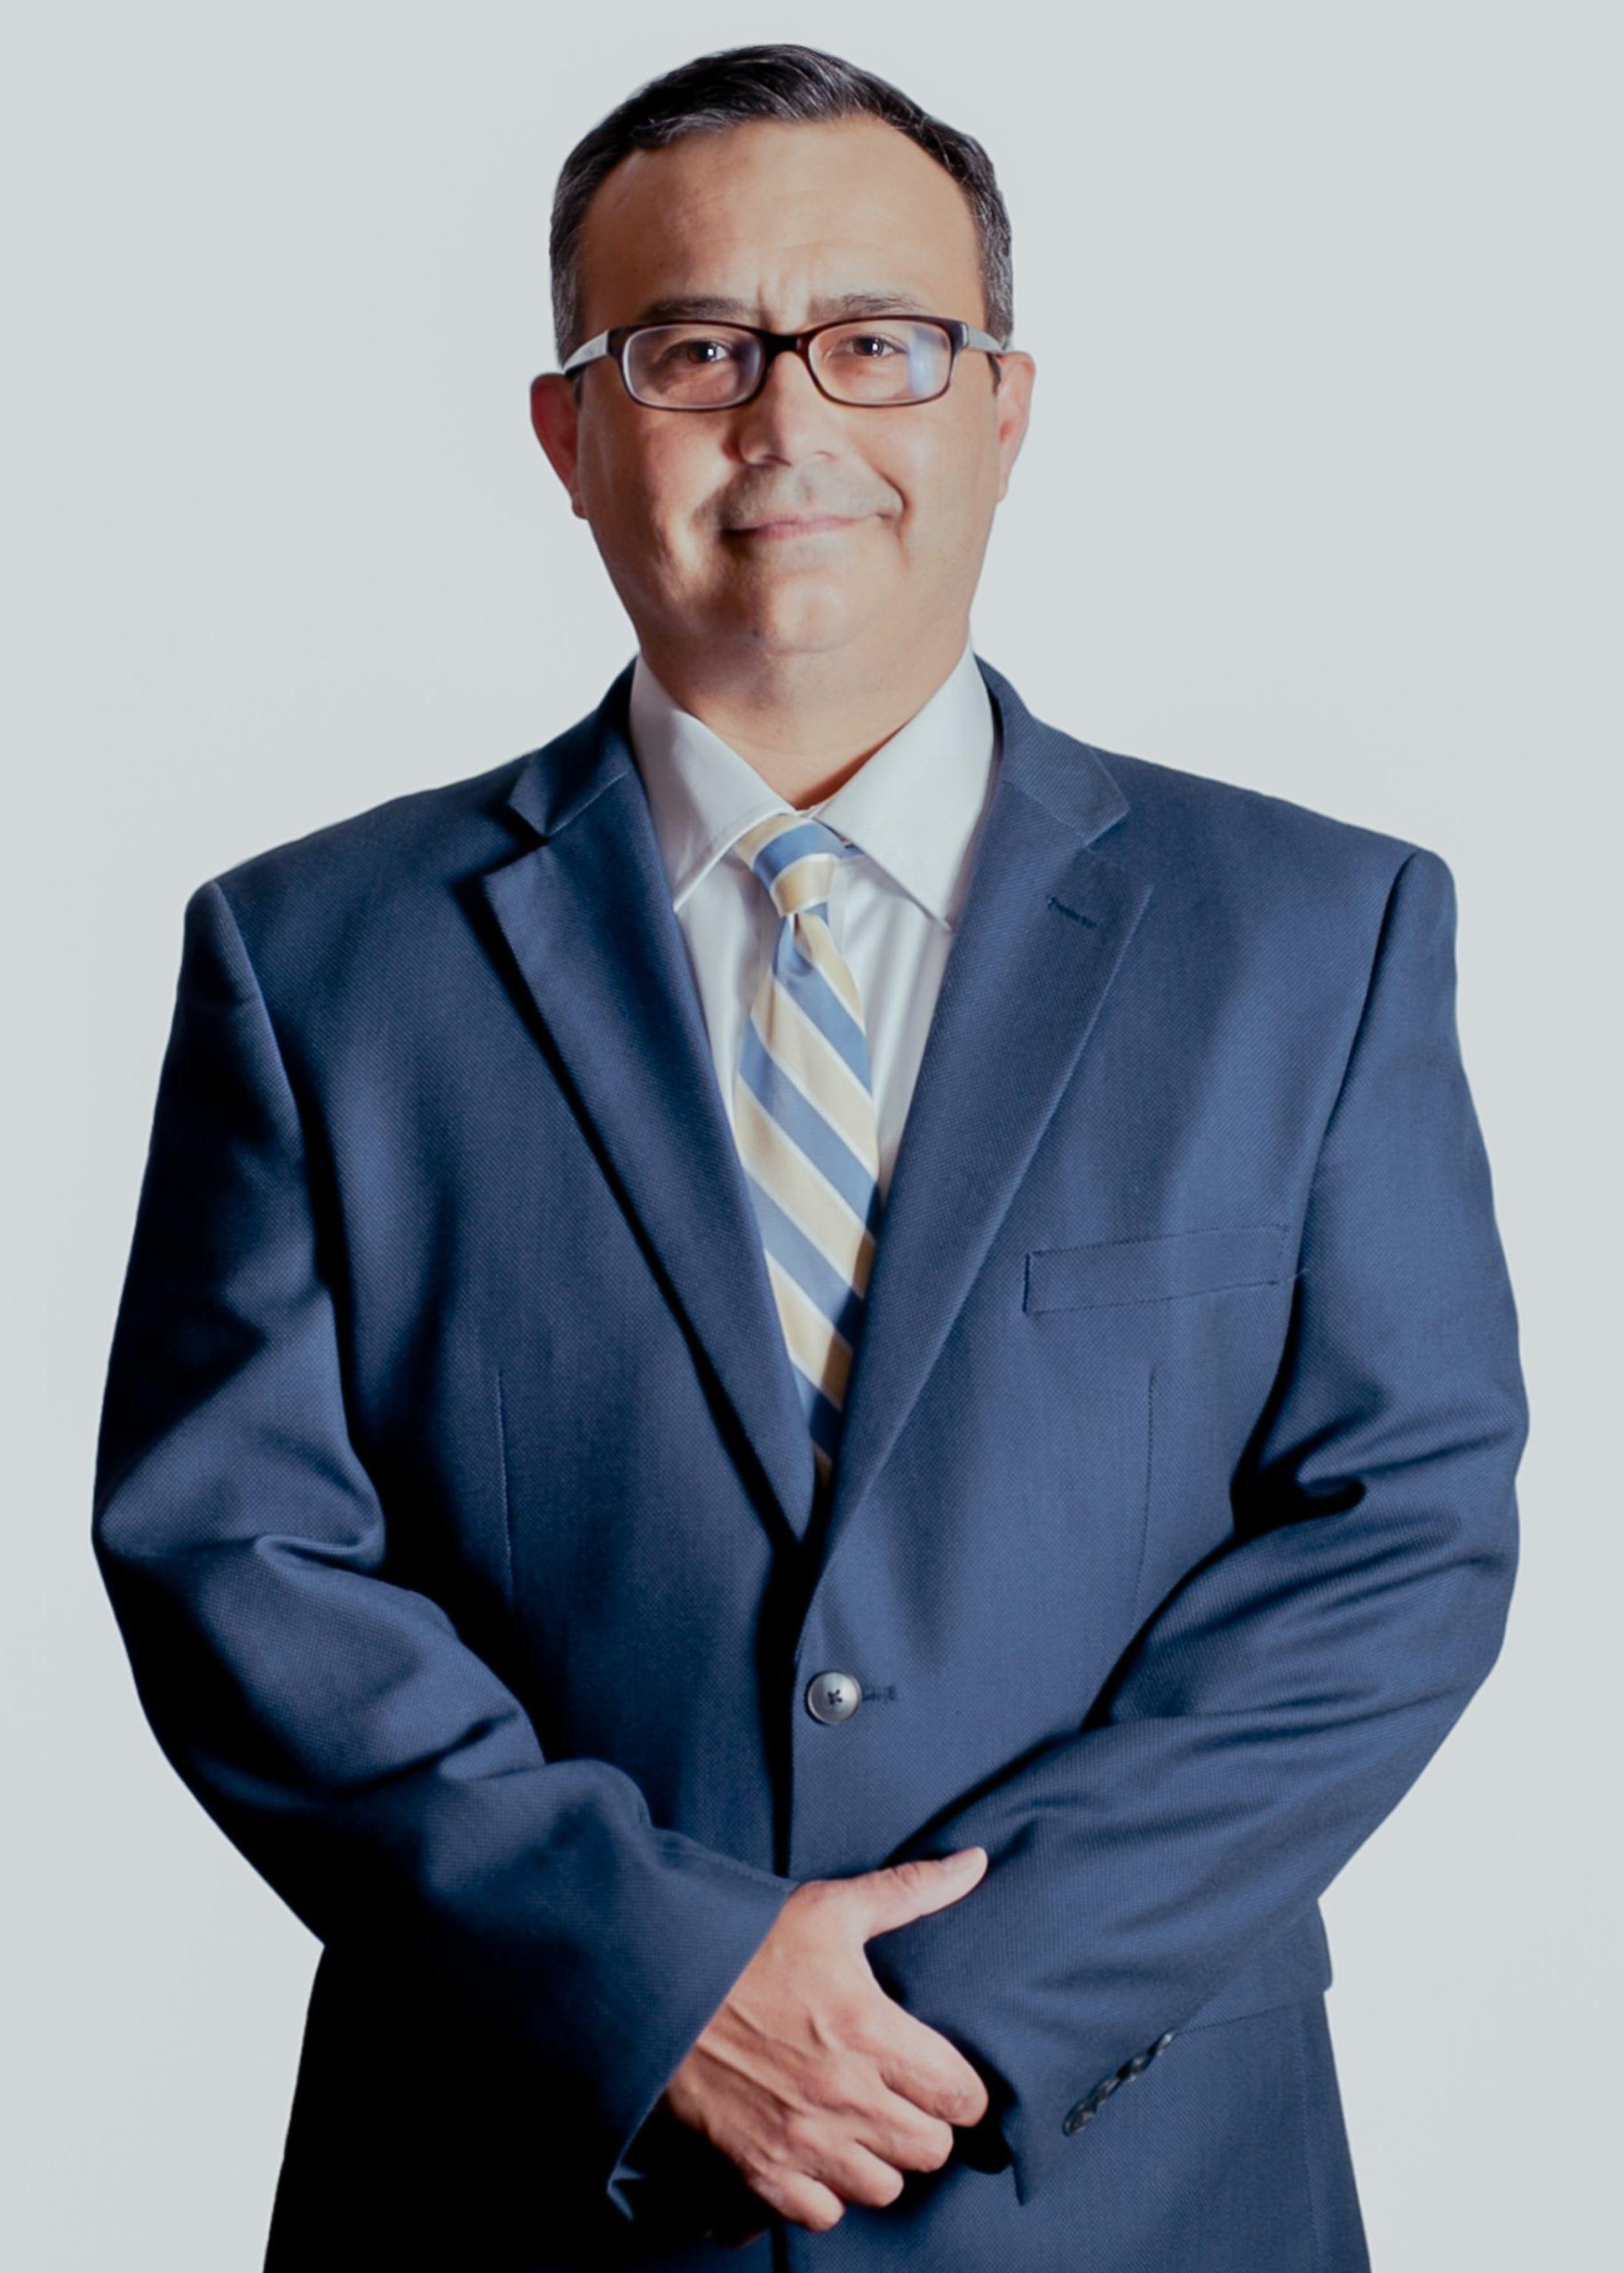 Guillermo Ruben Garcia